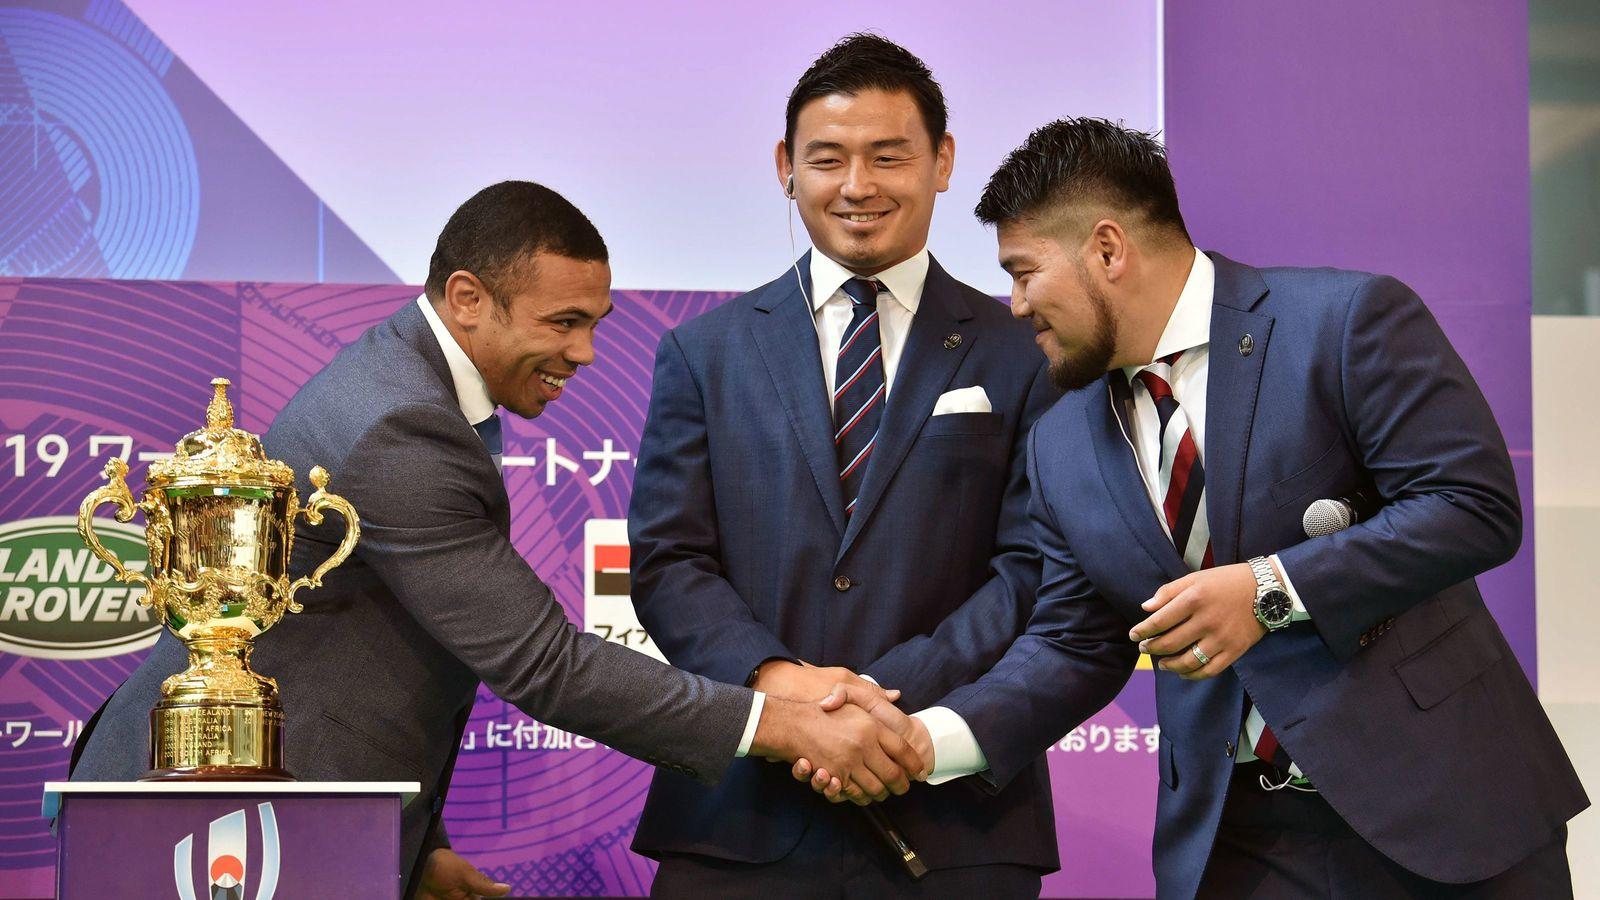 日本を勝たせるため五郎丸歩たちが下した決断 弱小チームが生まれ変わった理由